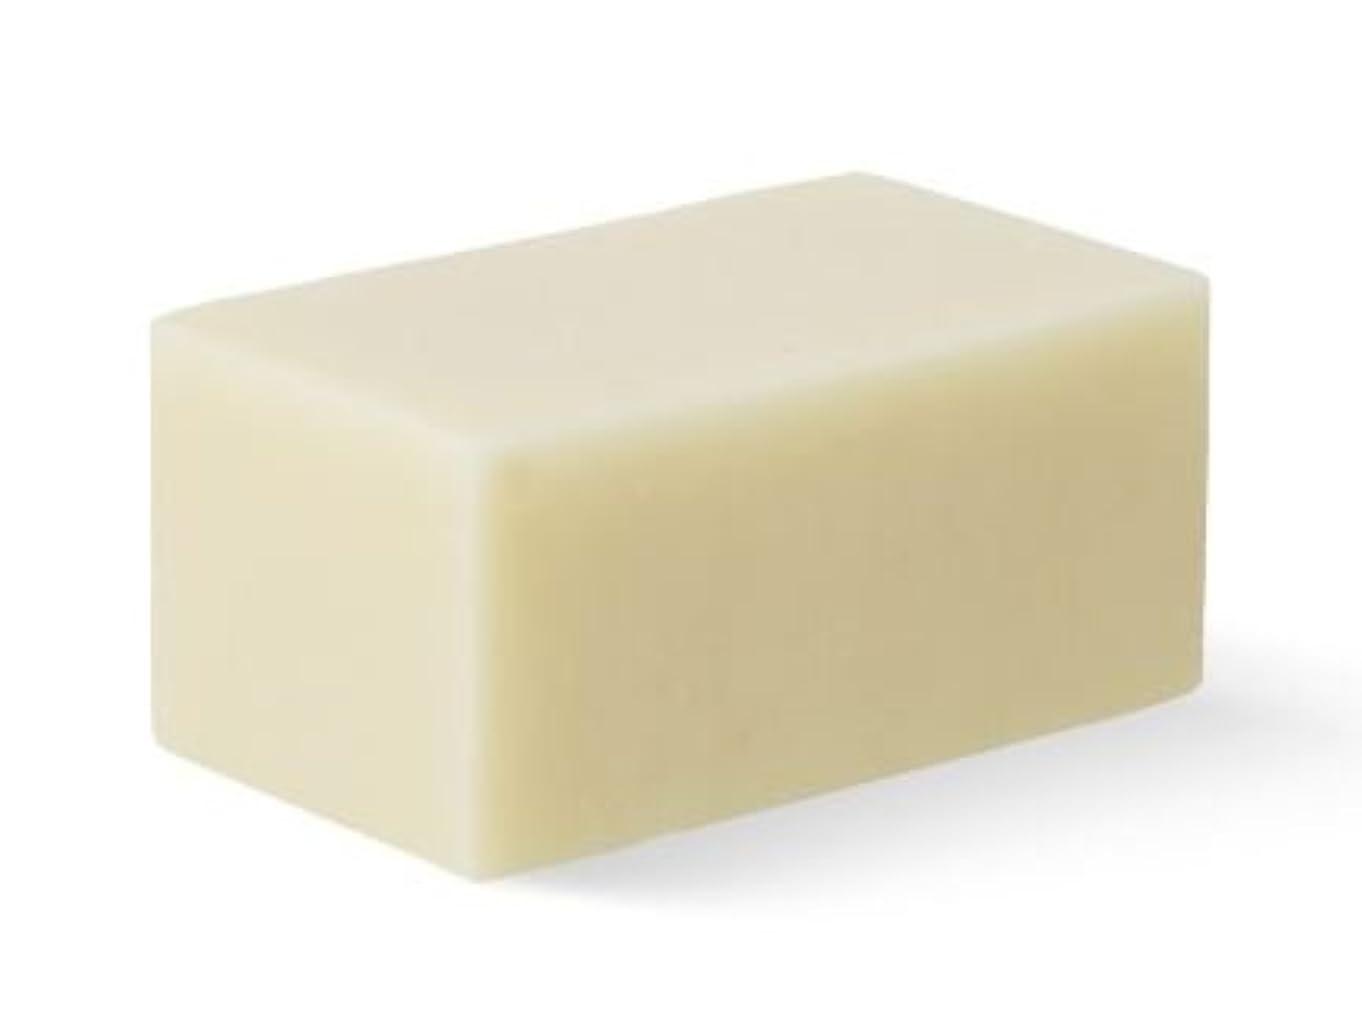 吹雪放送寄稿者[Abib] Facial Soap ivory Brick 100g/[アビブ]フェイシャルソープ アイボリー ブリック100g [並行輸入品]